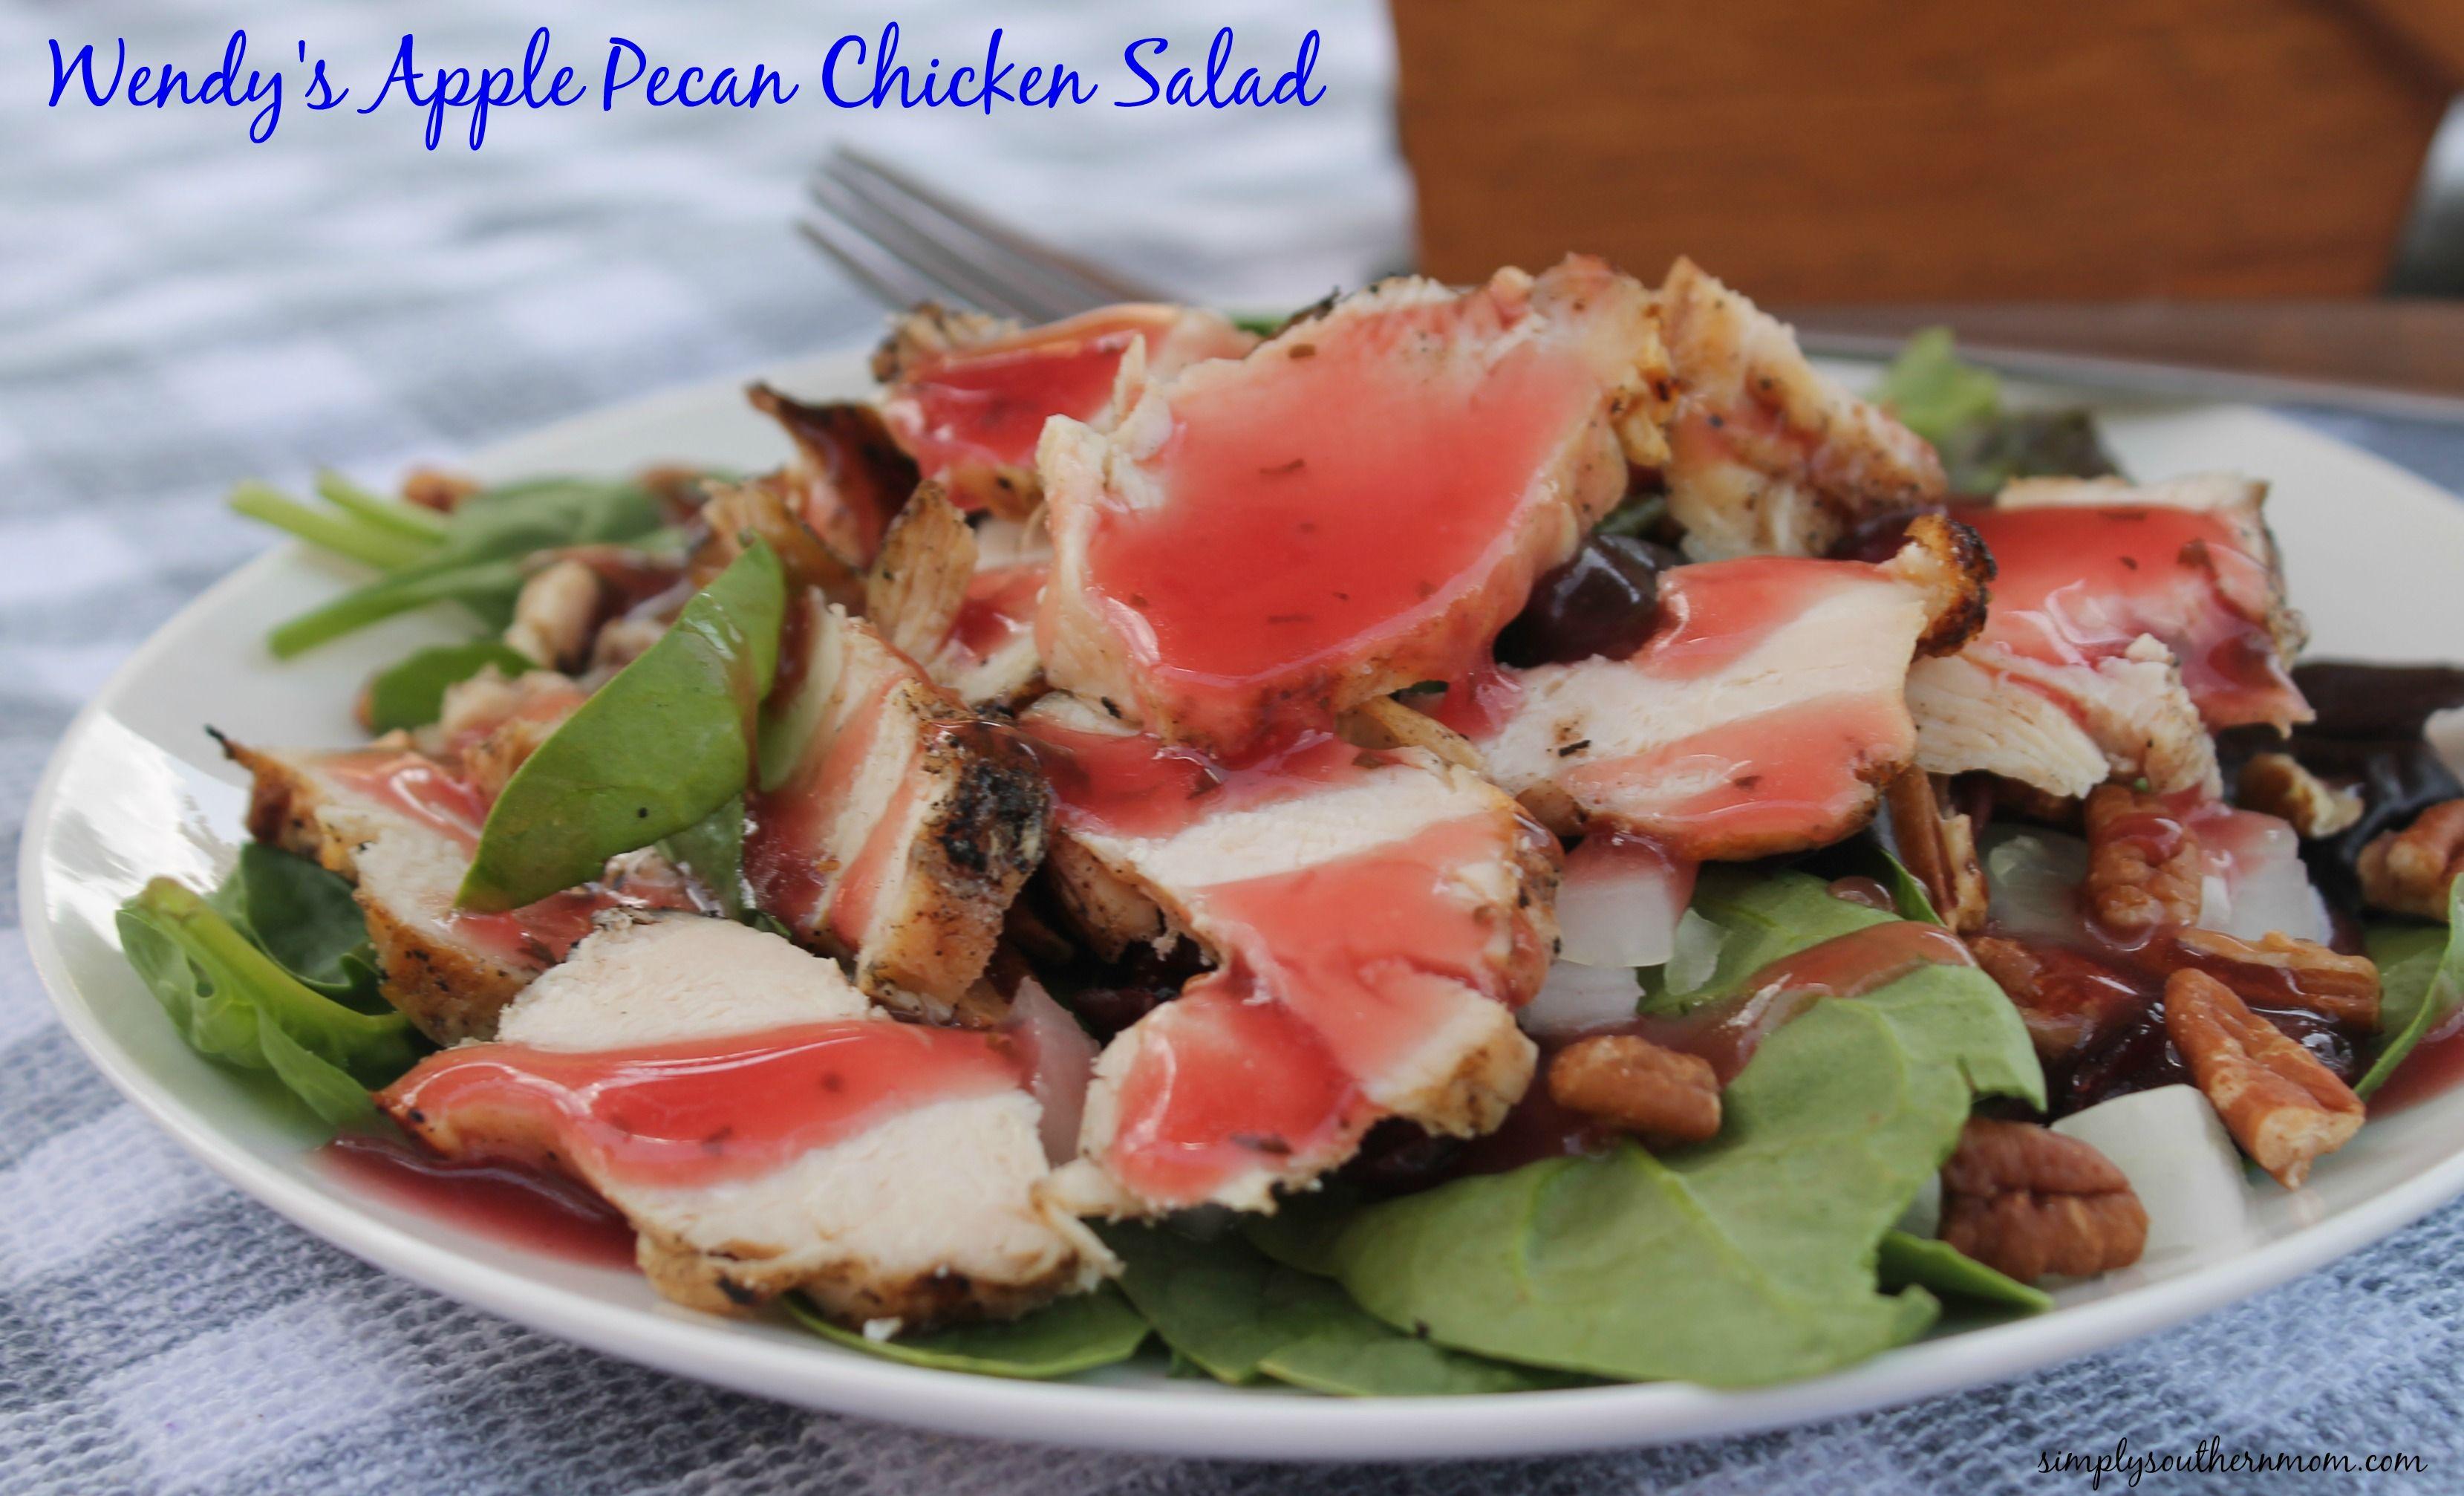 Copycat Wendy's Apple Pecan Chicken Salad Recipe (Gluten Free)